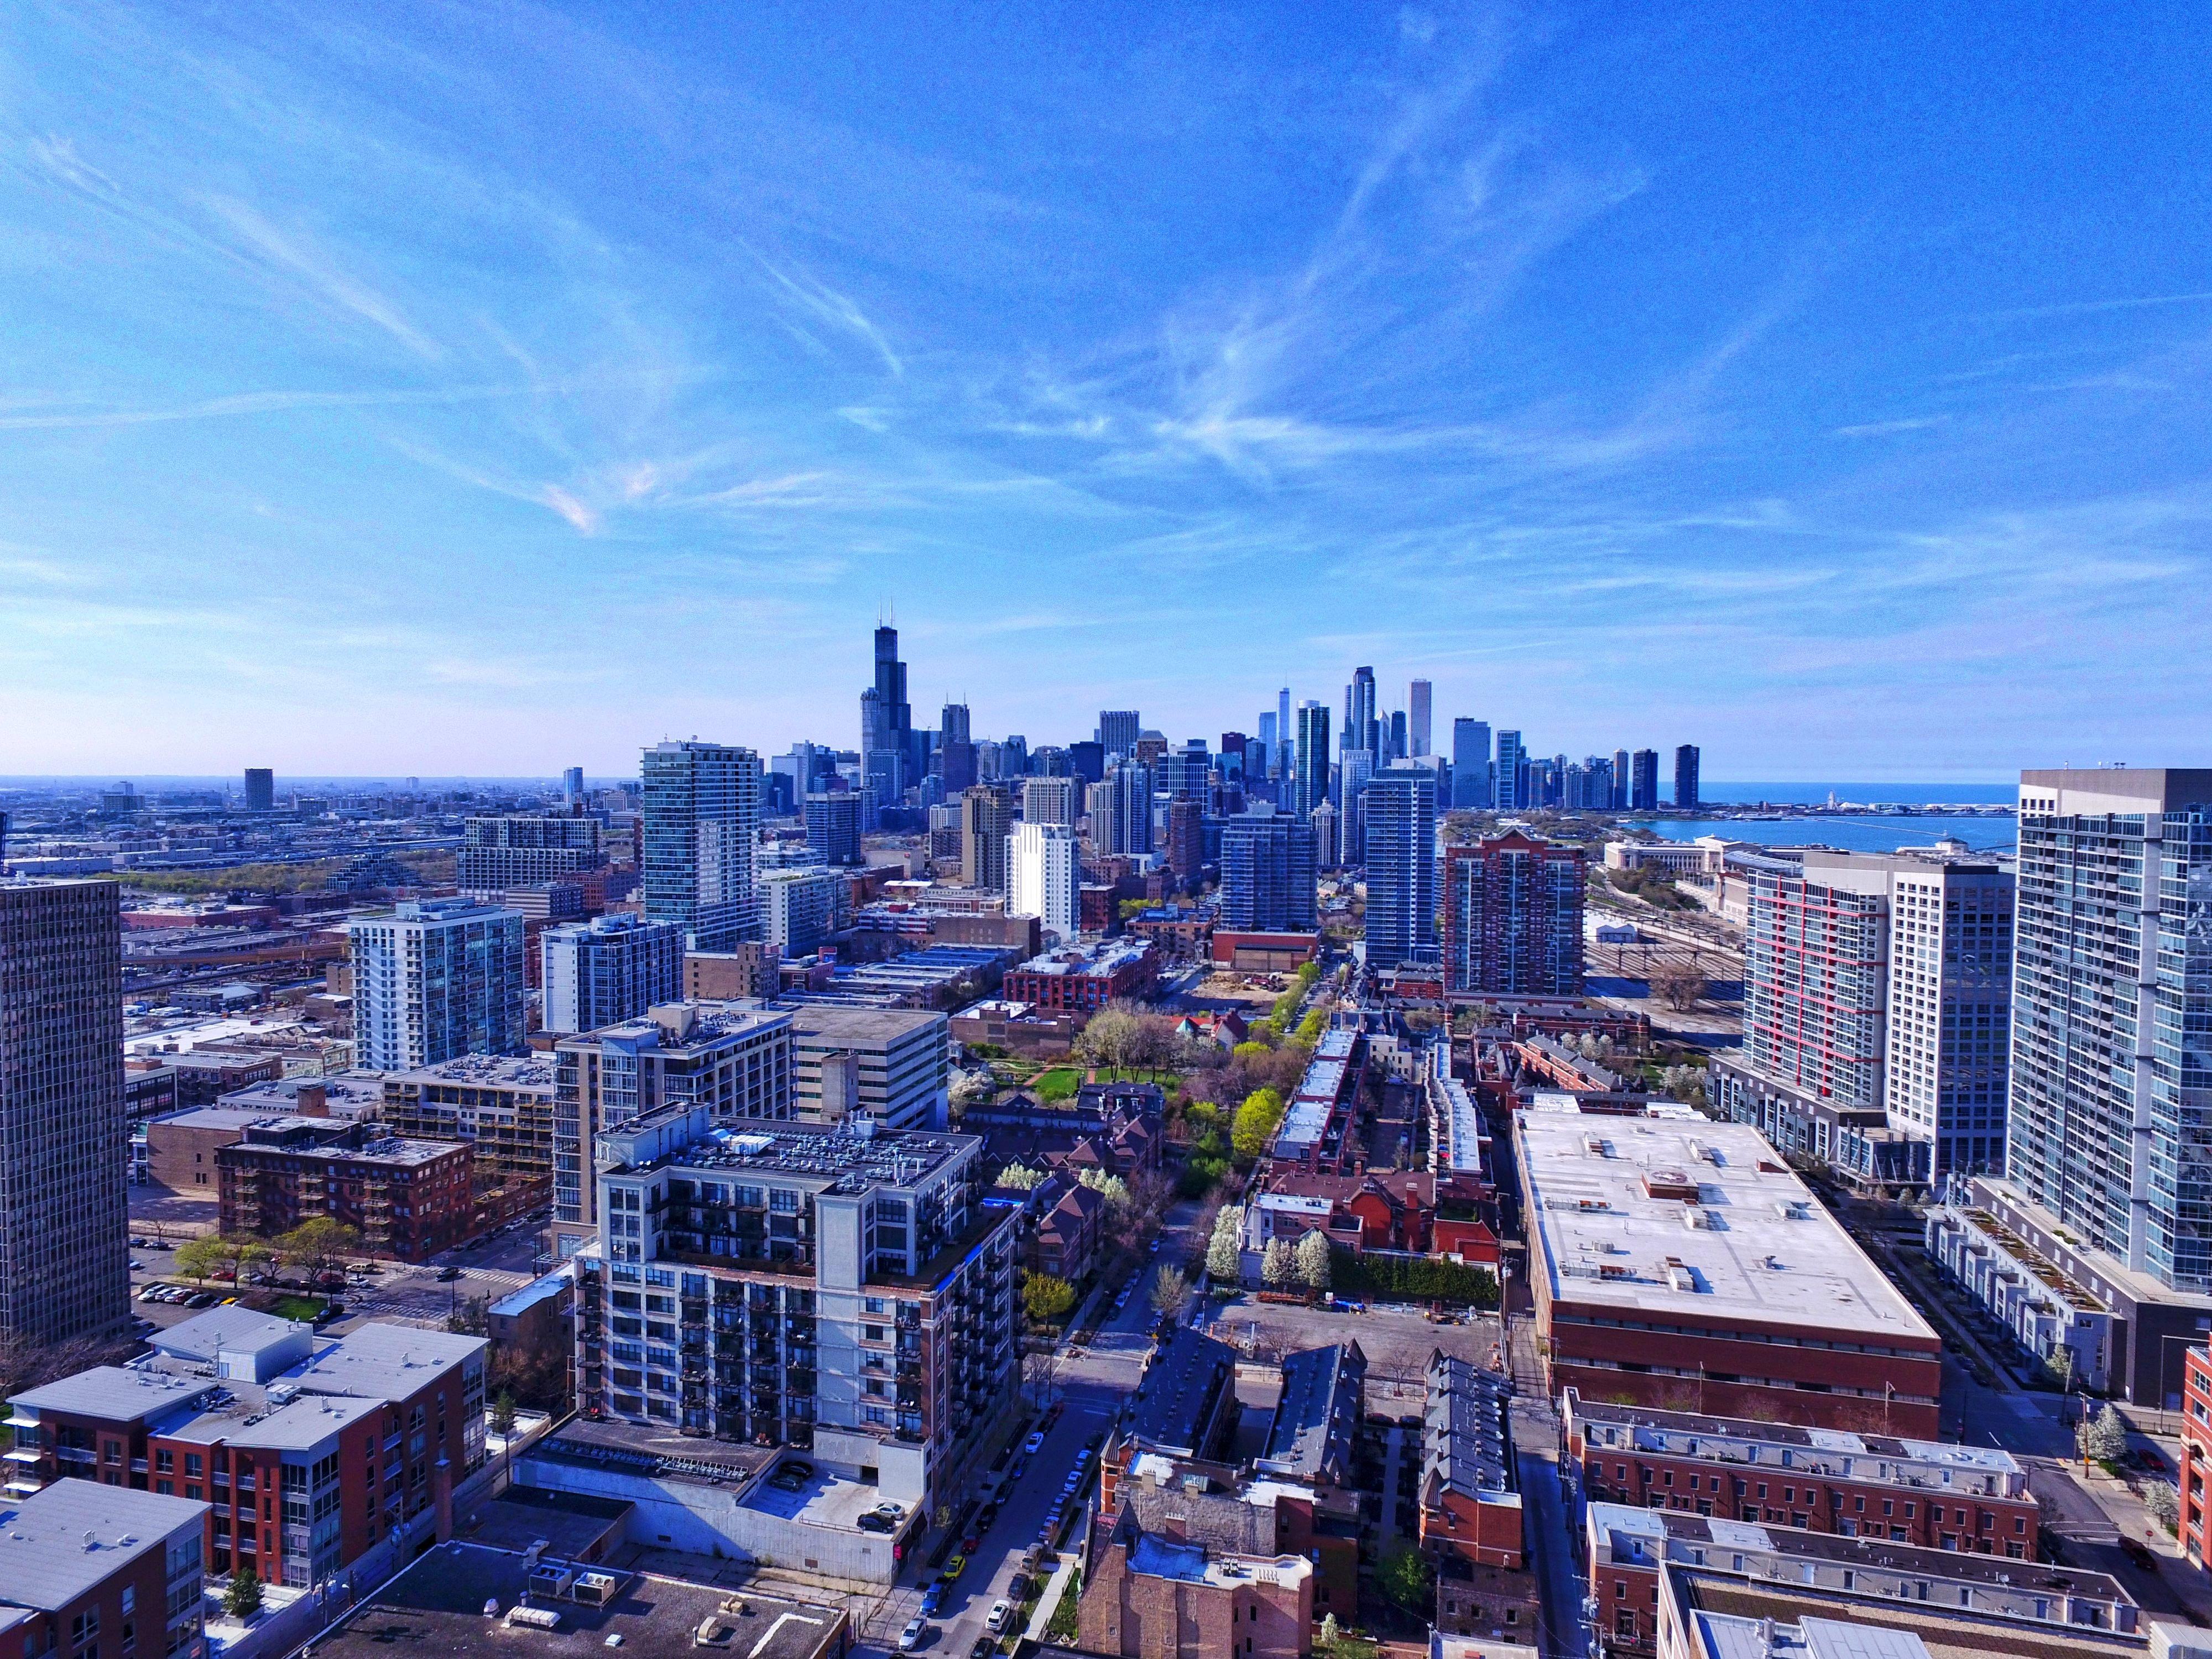 Skyline aerial image